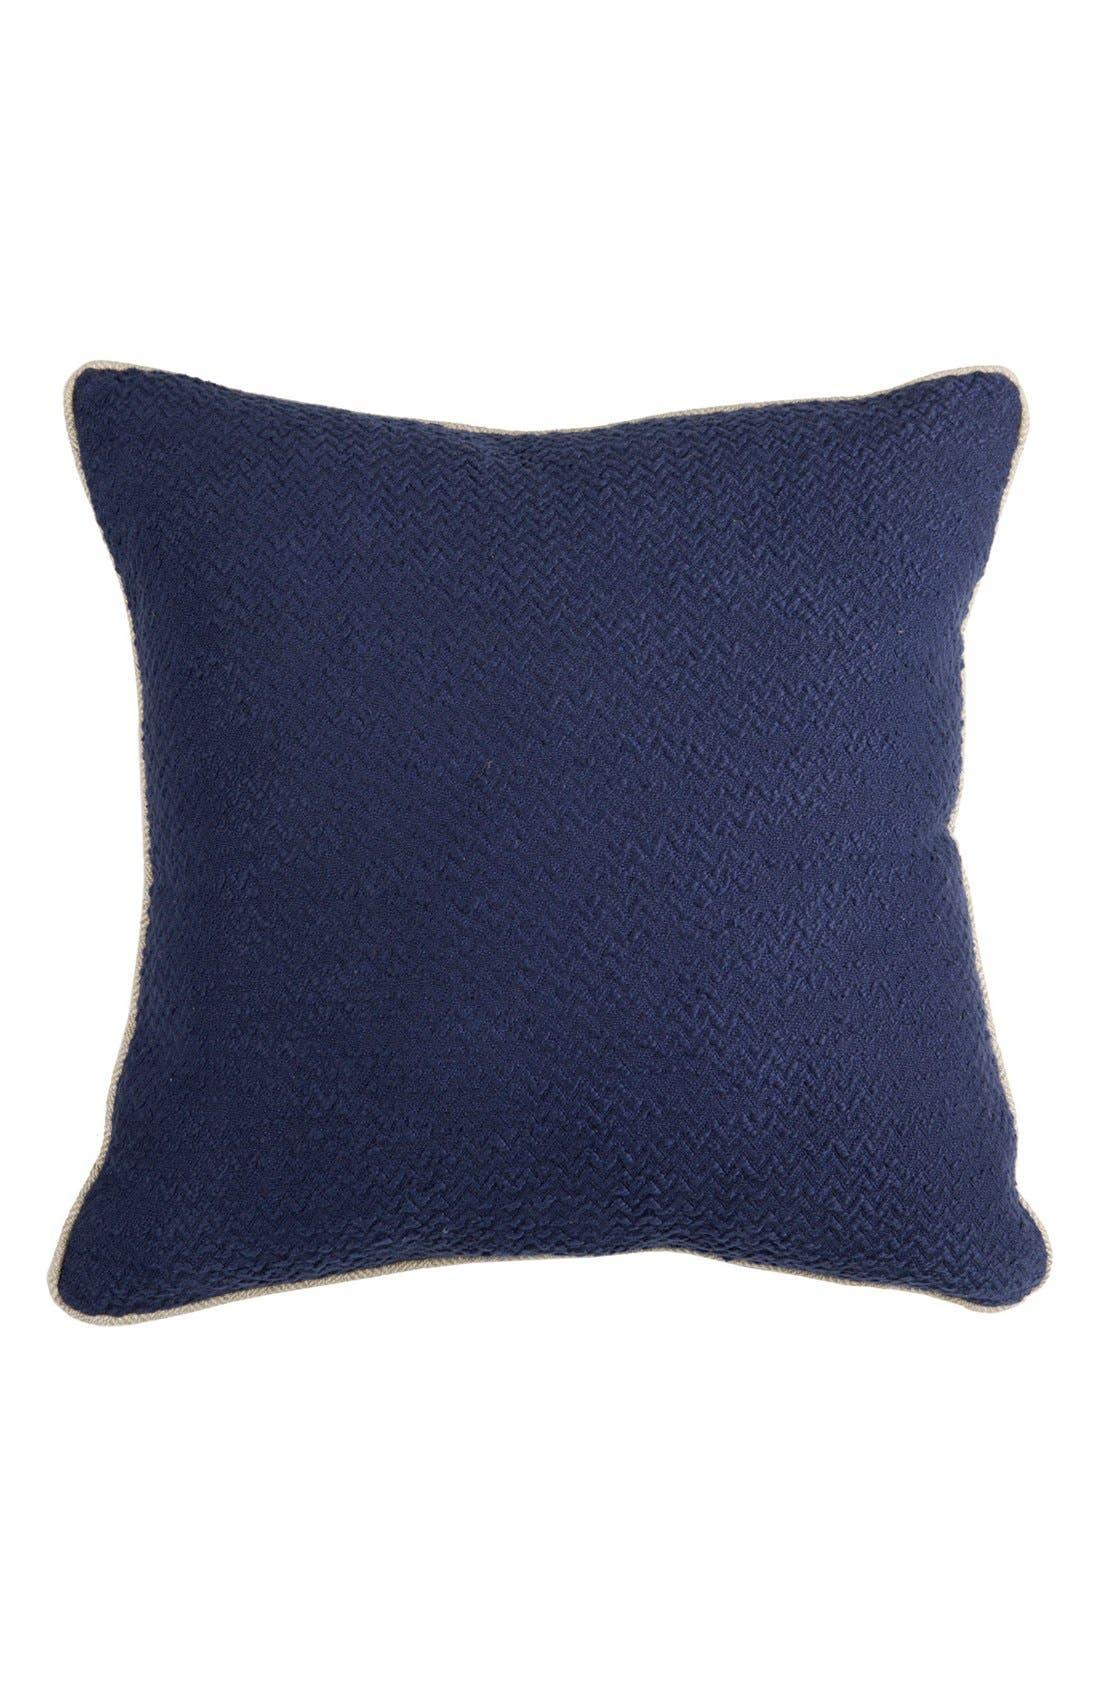 Villa Home Collections 'Razia' Pillow